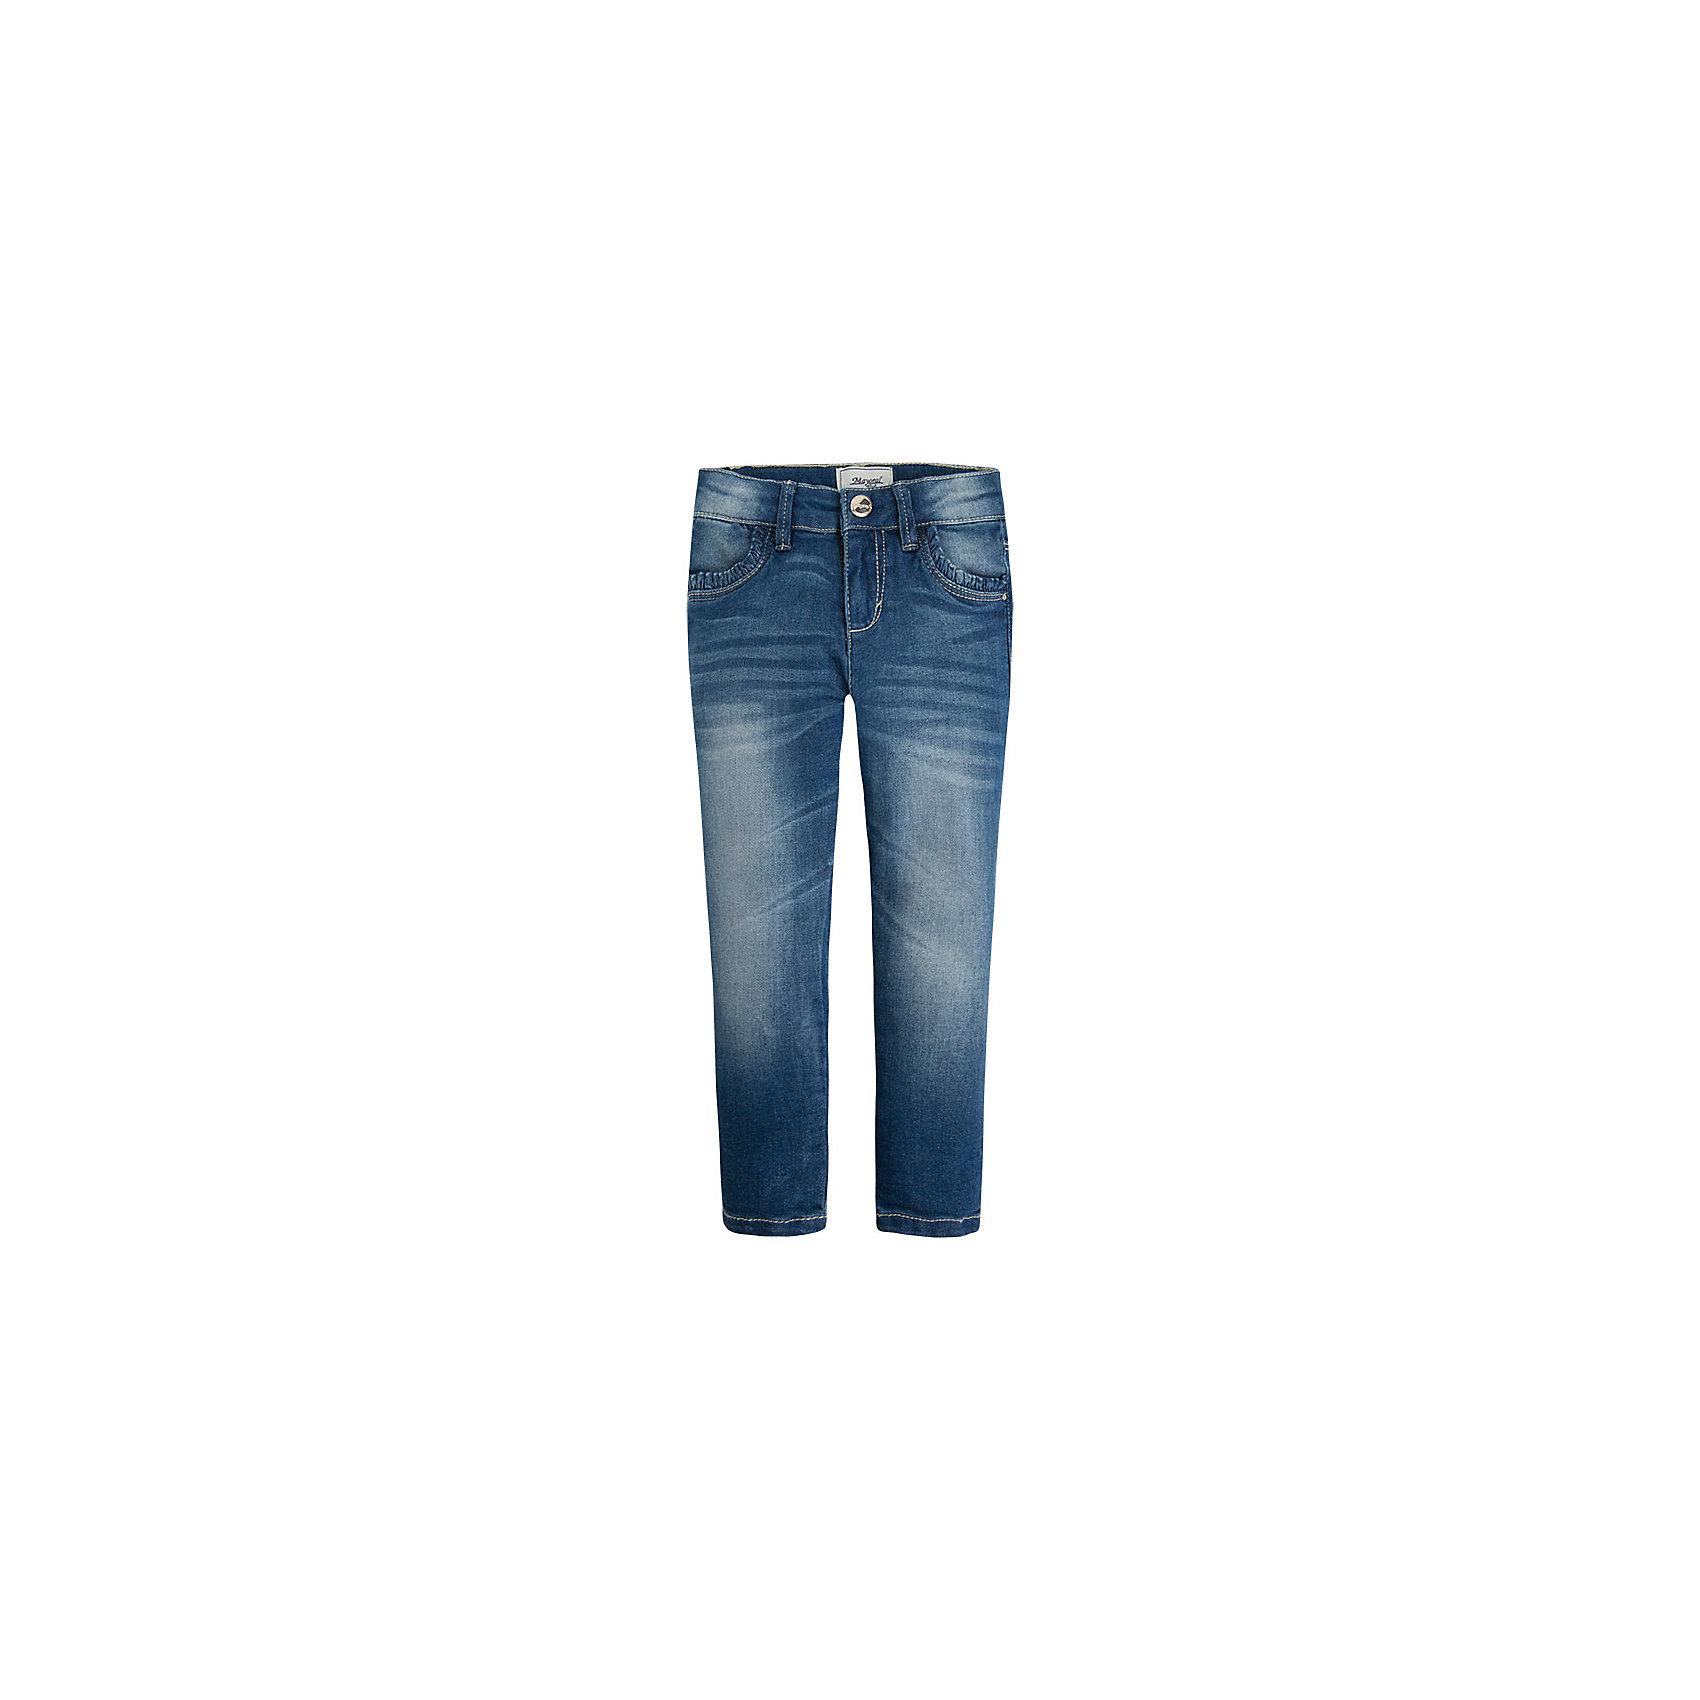 Джинсы для девочки MayoralДжинсы для девочки от известной испанской марки Mayoral <br><br>Джинсы классического кроя от Mayoral - прекрасный вариант для юных модниц! Они прекрасно сочетаются с разными вещами. Пояс регулируется с помощью резинки. Модель выполнена из качественных материалов, отлично сидят по фигуре.<br><br>Особенности модели:<br><br>- цвет: синий;<br>- крой брючин: прямой;<br>- наличие карманов;<br>- классический силуэт;<br>- шлевки для ремня;<br>- внутренние резинки для регулировки пояса.<br><br>Дополнительная информация:<br><br>Состав:<br>98% хлопок, 2% эластан.<br><br>Брюки для девочки Mayoral (Майорал) можно купить в нашем магазине.<br><br>Ширина мм: 215<br>Глубина мм: 88<br>Высота мм: 191<br>Вес г: 336<br>Цвет: синий<br>Возраст от месяцев: 48<br>Возраст до месяцев: 60<br>Пол: Женский<br>Возраст: Детский<br>Размер: 110,98,122,128,104,134,116<br>SKU: 4541090